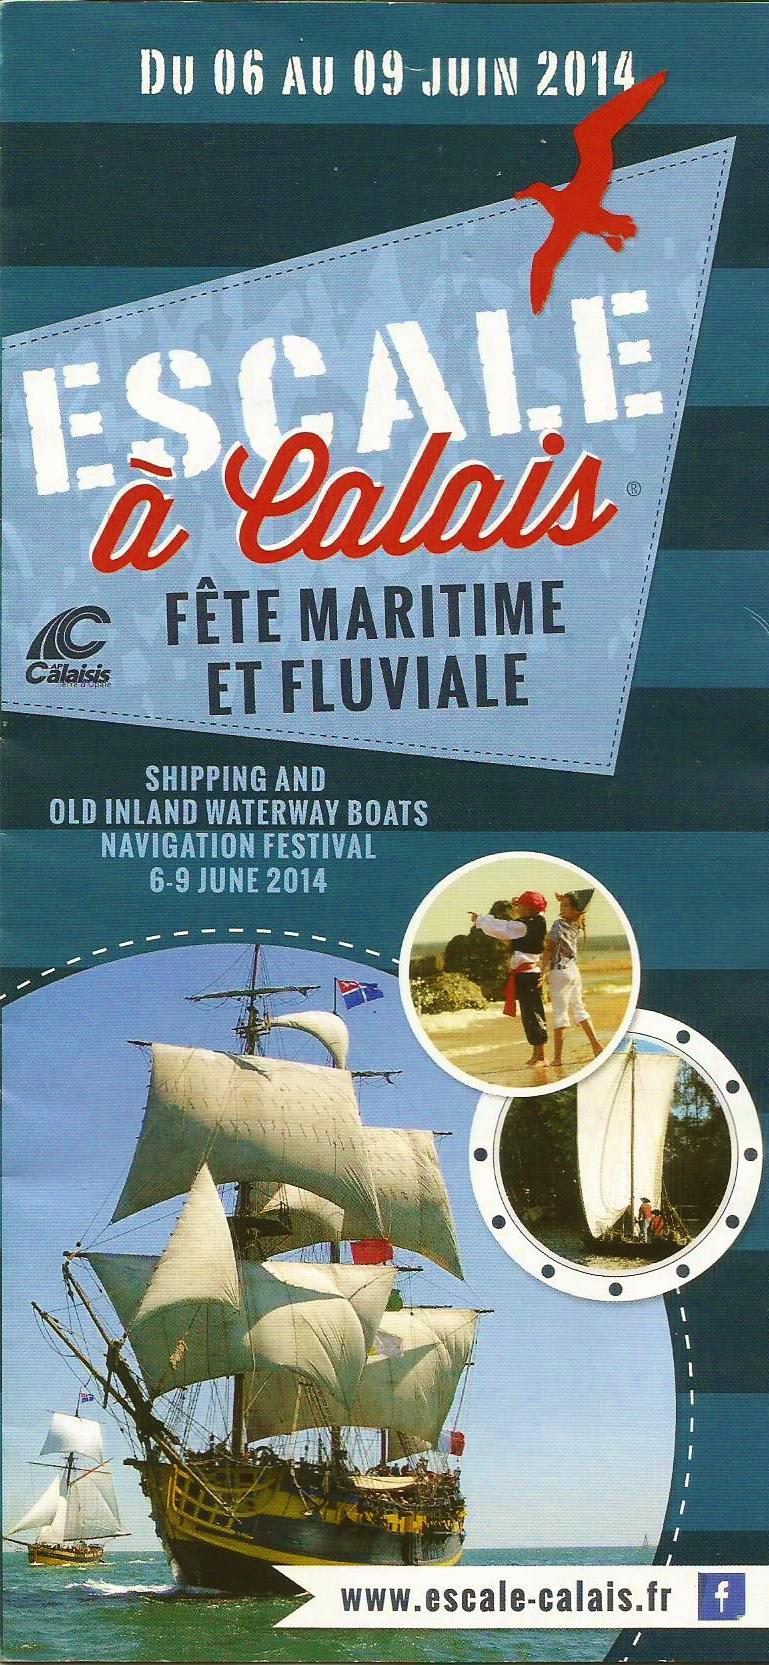 Escale à Calais,  grande fête maritime et fluviale